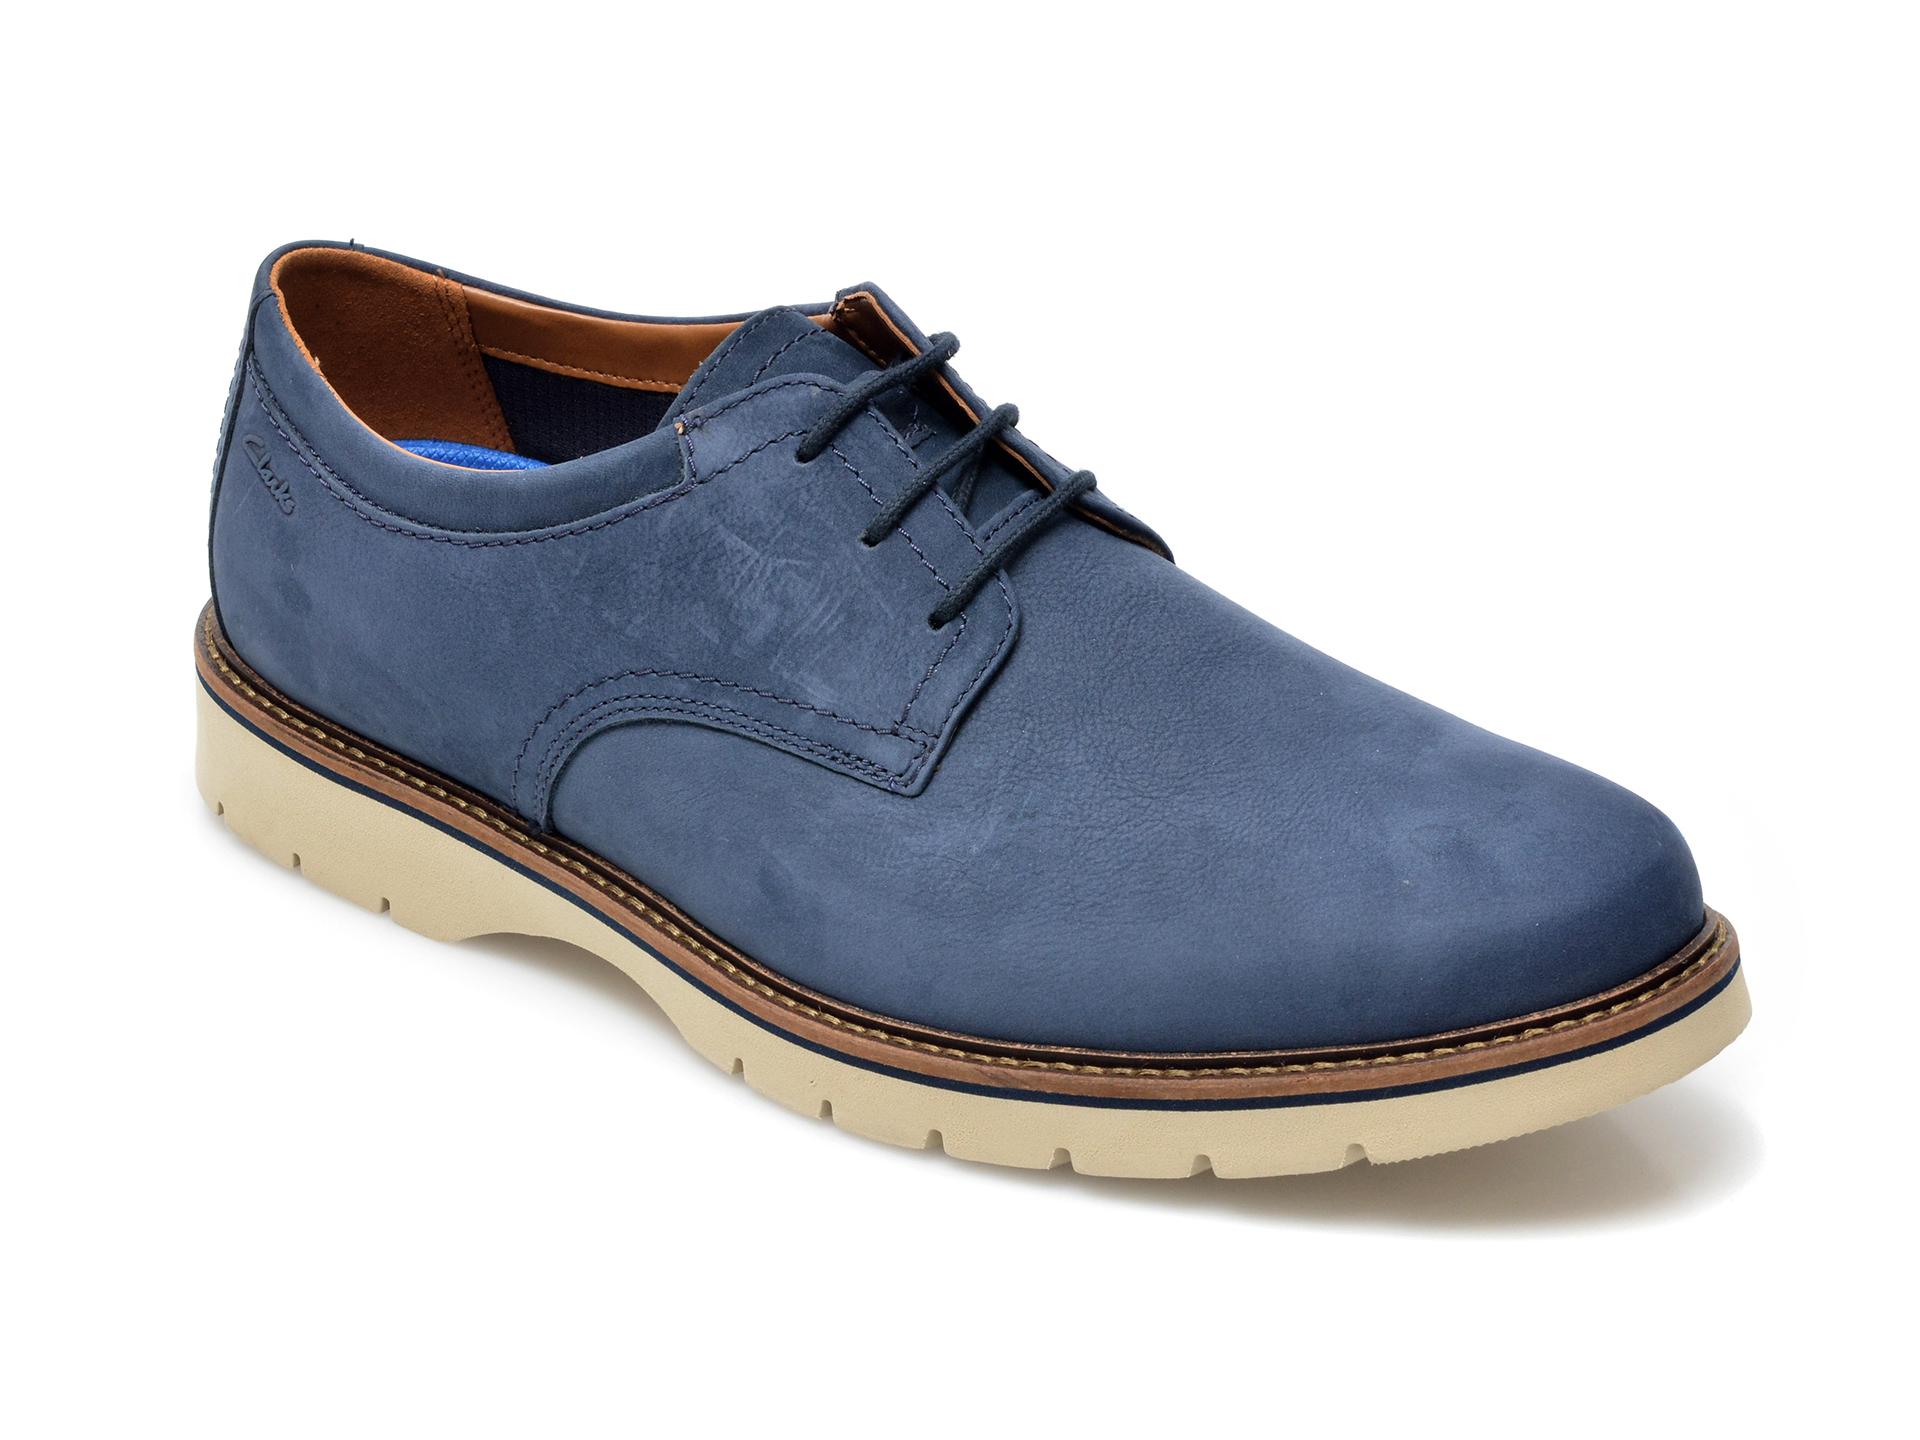 Pantofi CLARKS albastri, Bayhill Plain, din nabuc imagine otter.ro